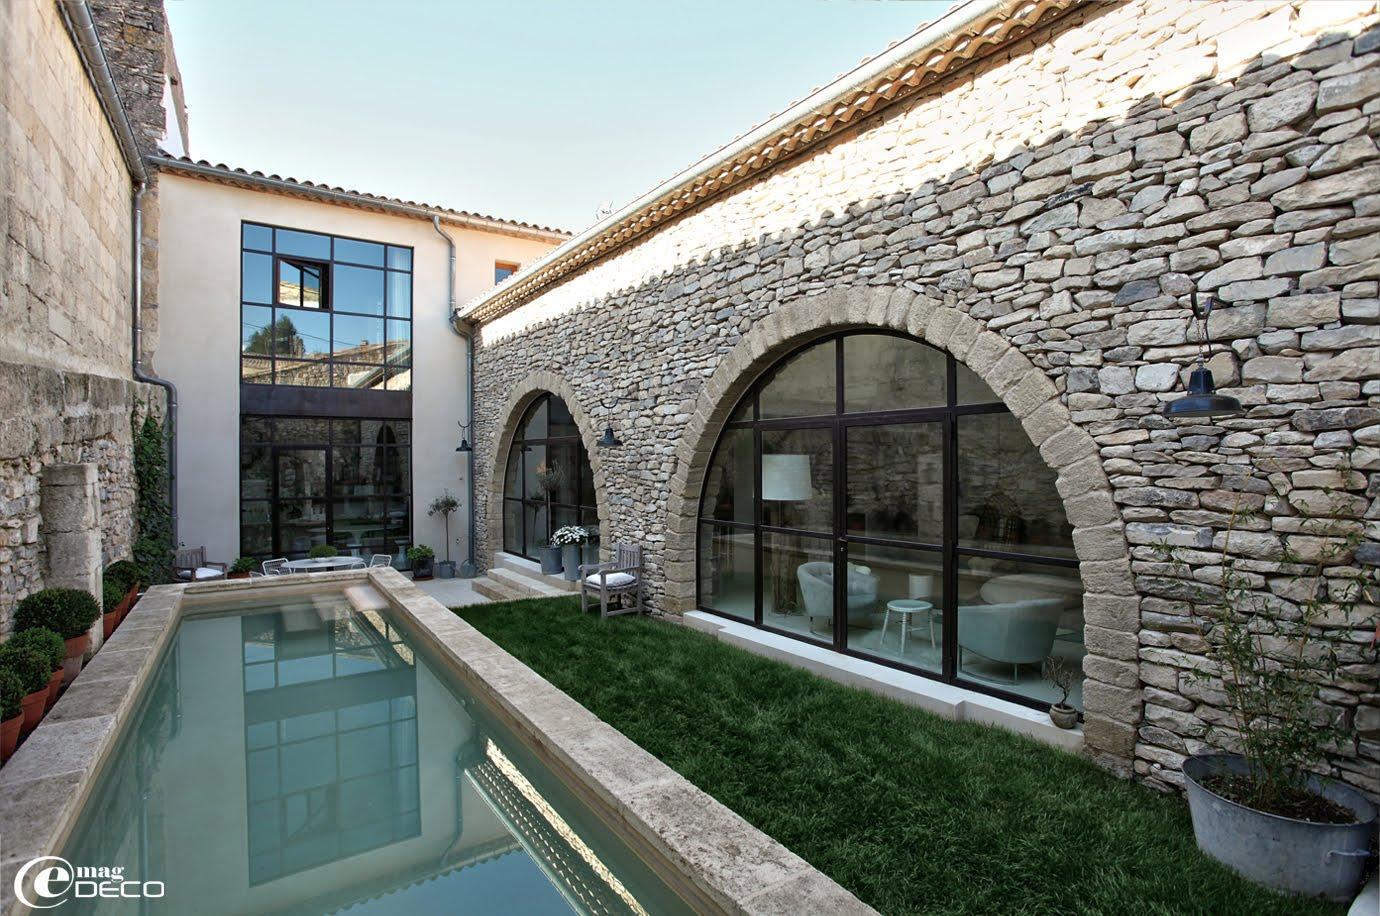 Réhabilitation d'un vieux bâtiment en pierre dans le Sud de la France